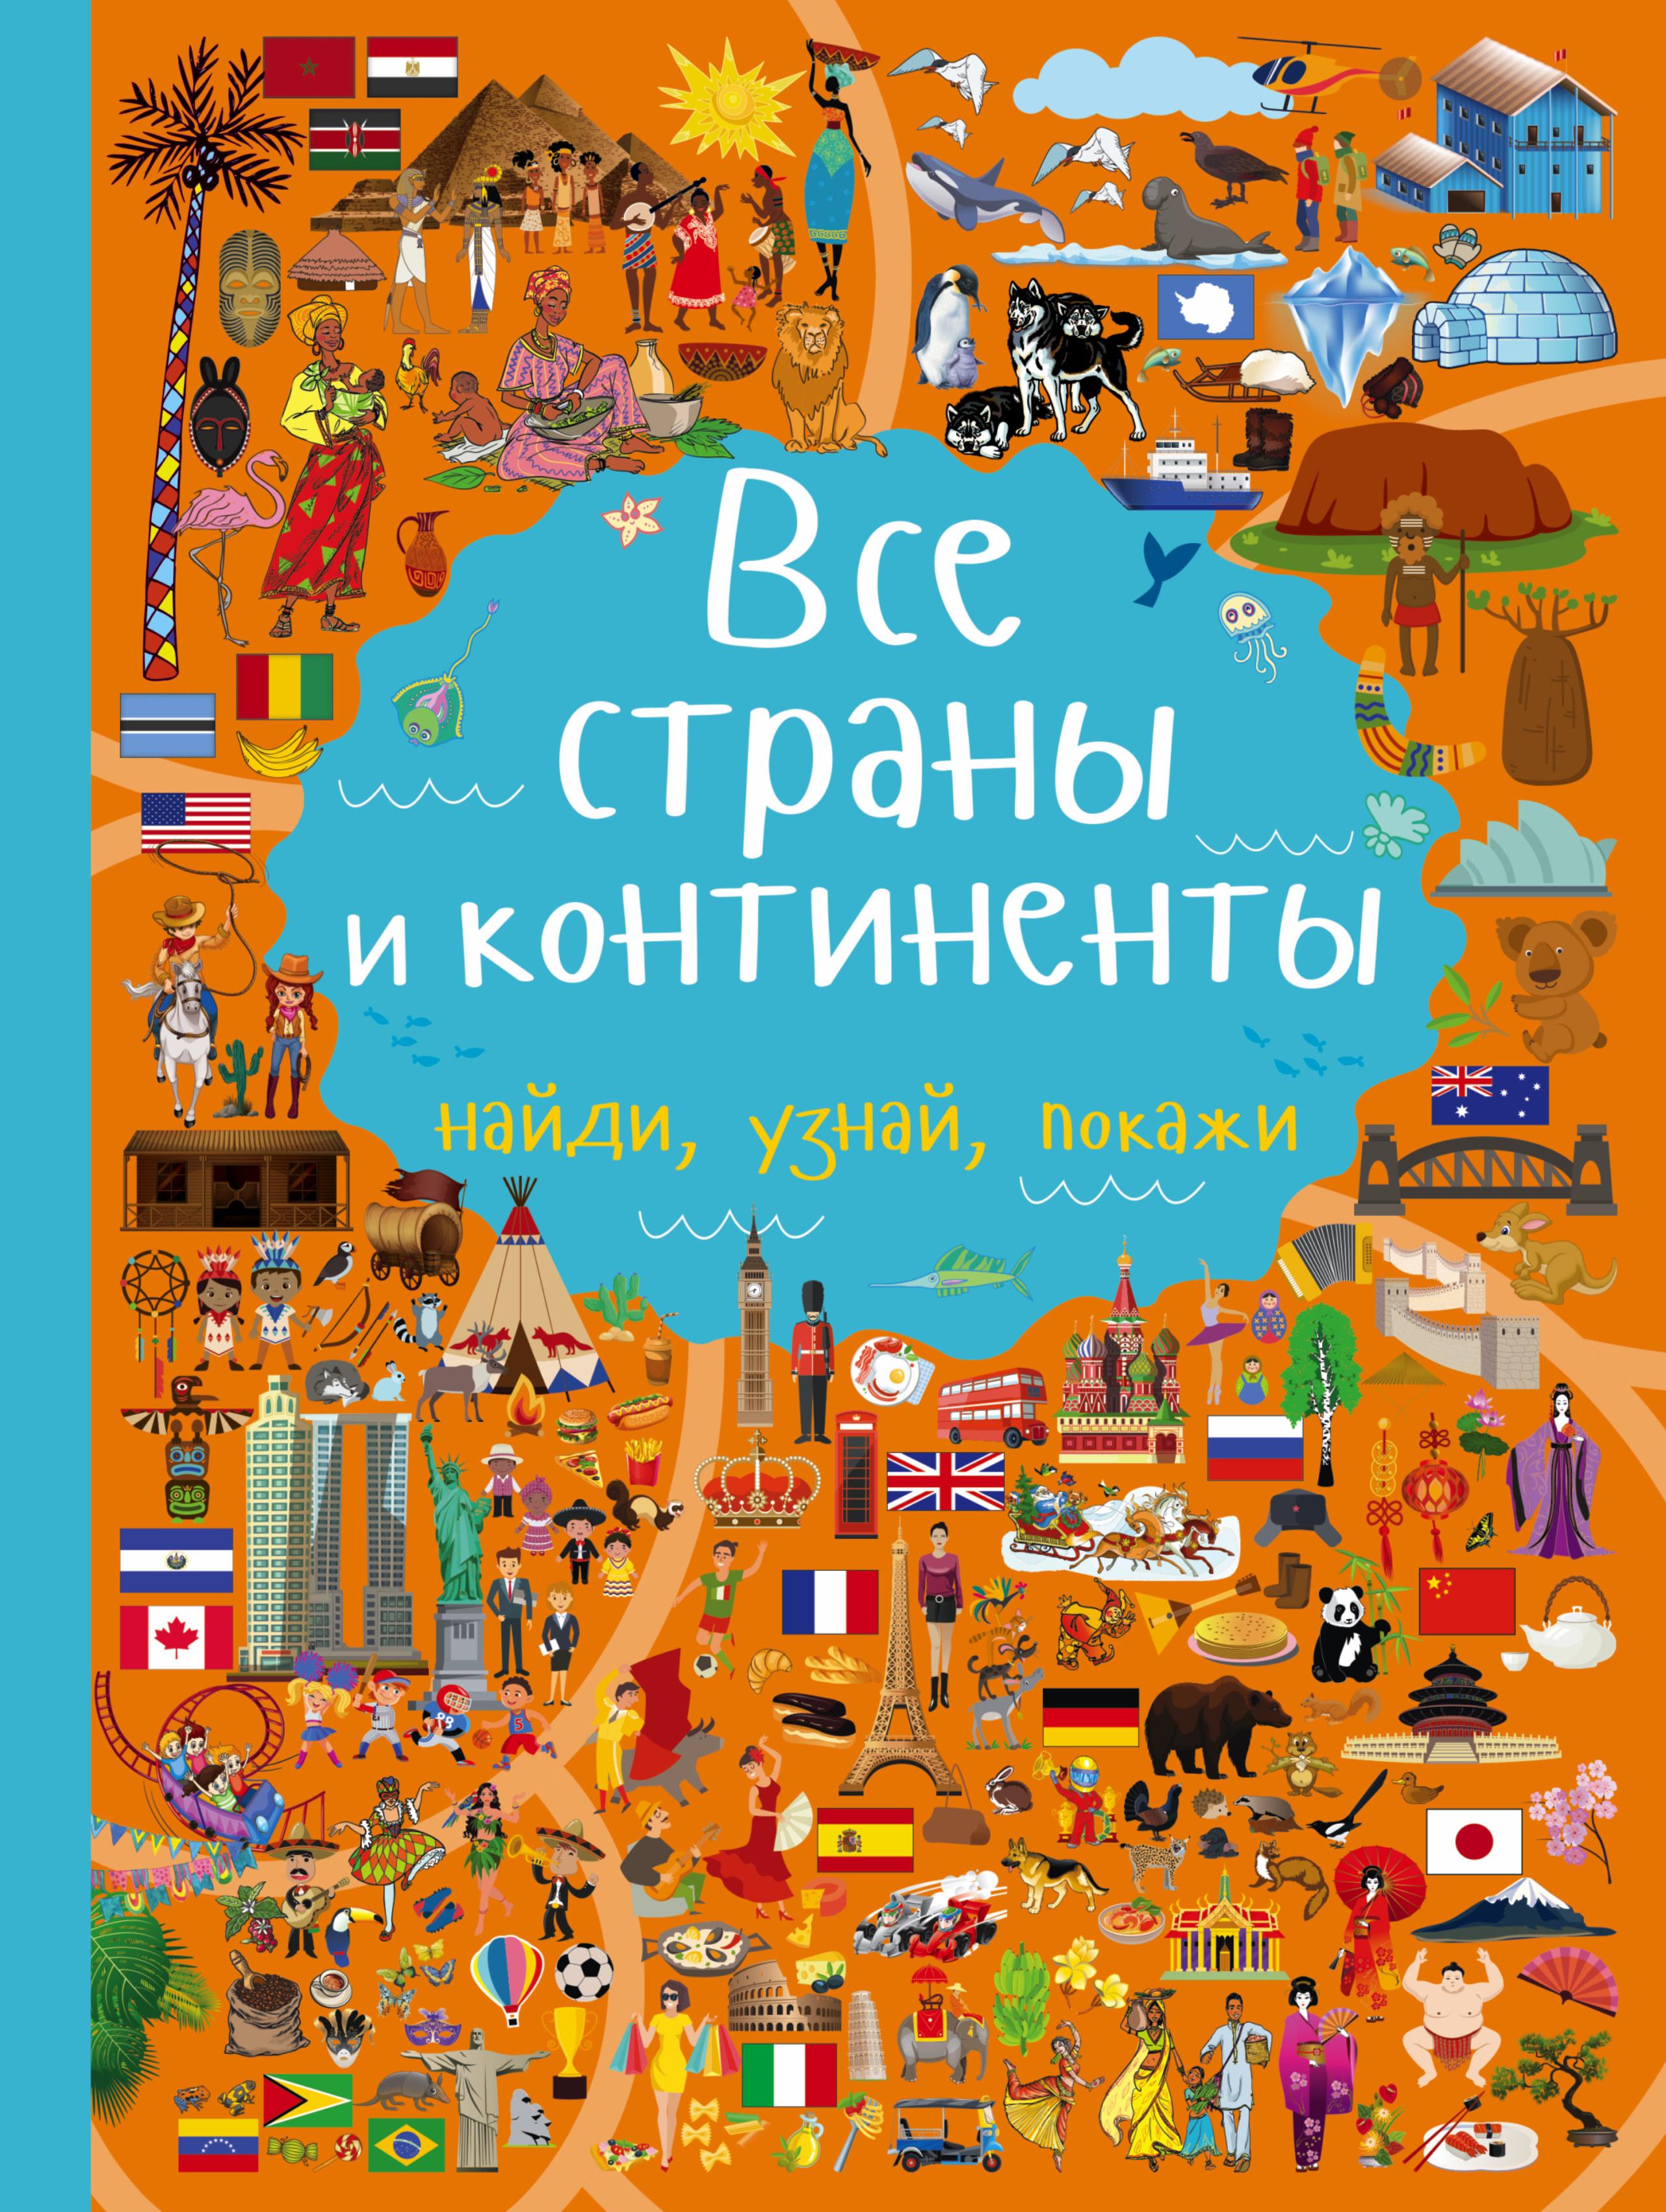 Все страны и континенты от book24.ru